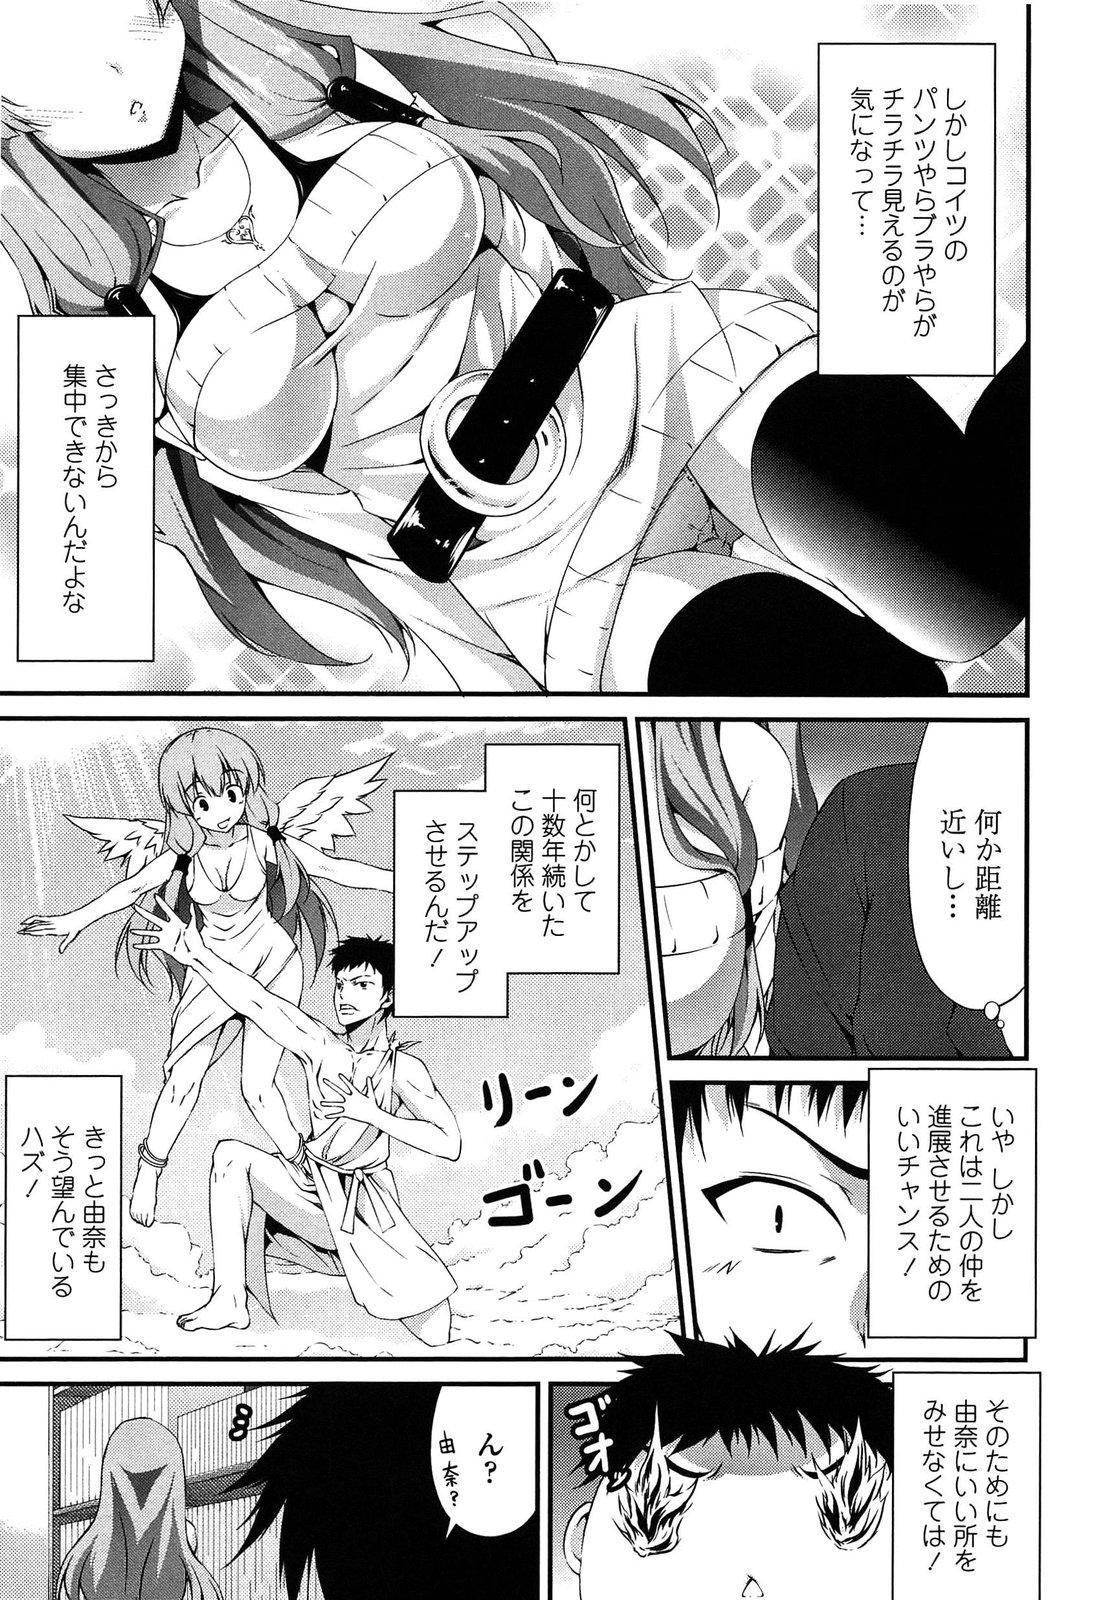 Itsu Sex Suru no, Ima Desho! 177